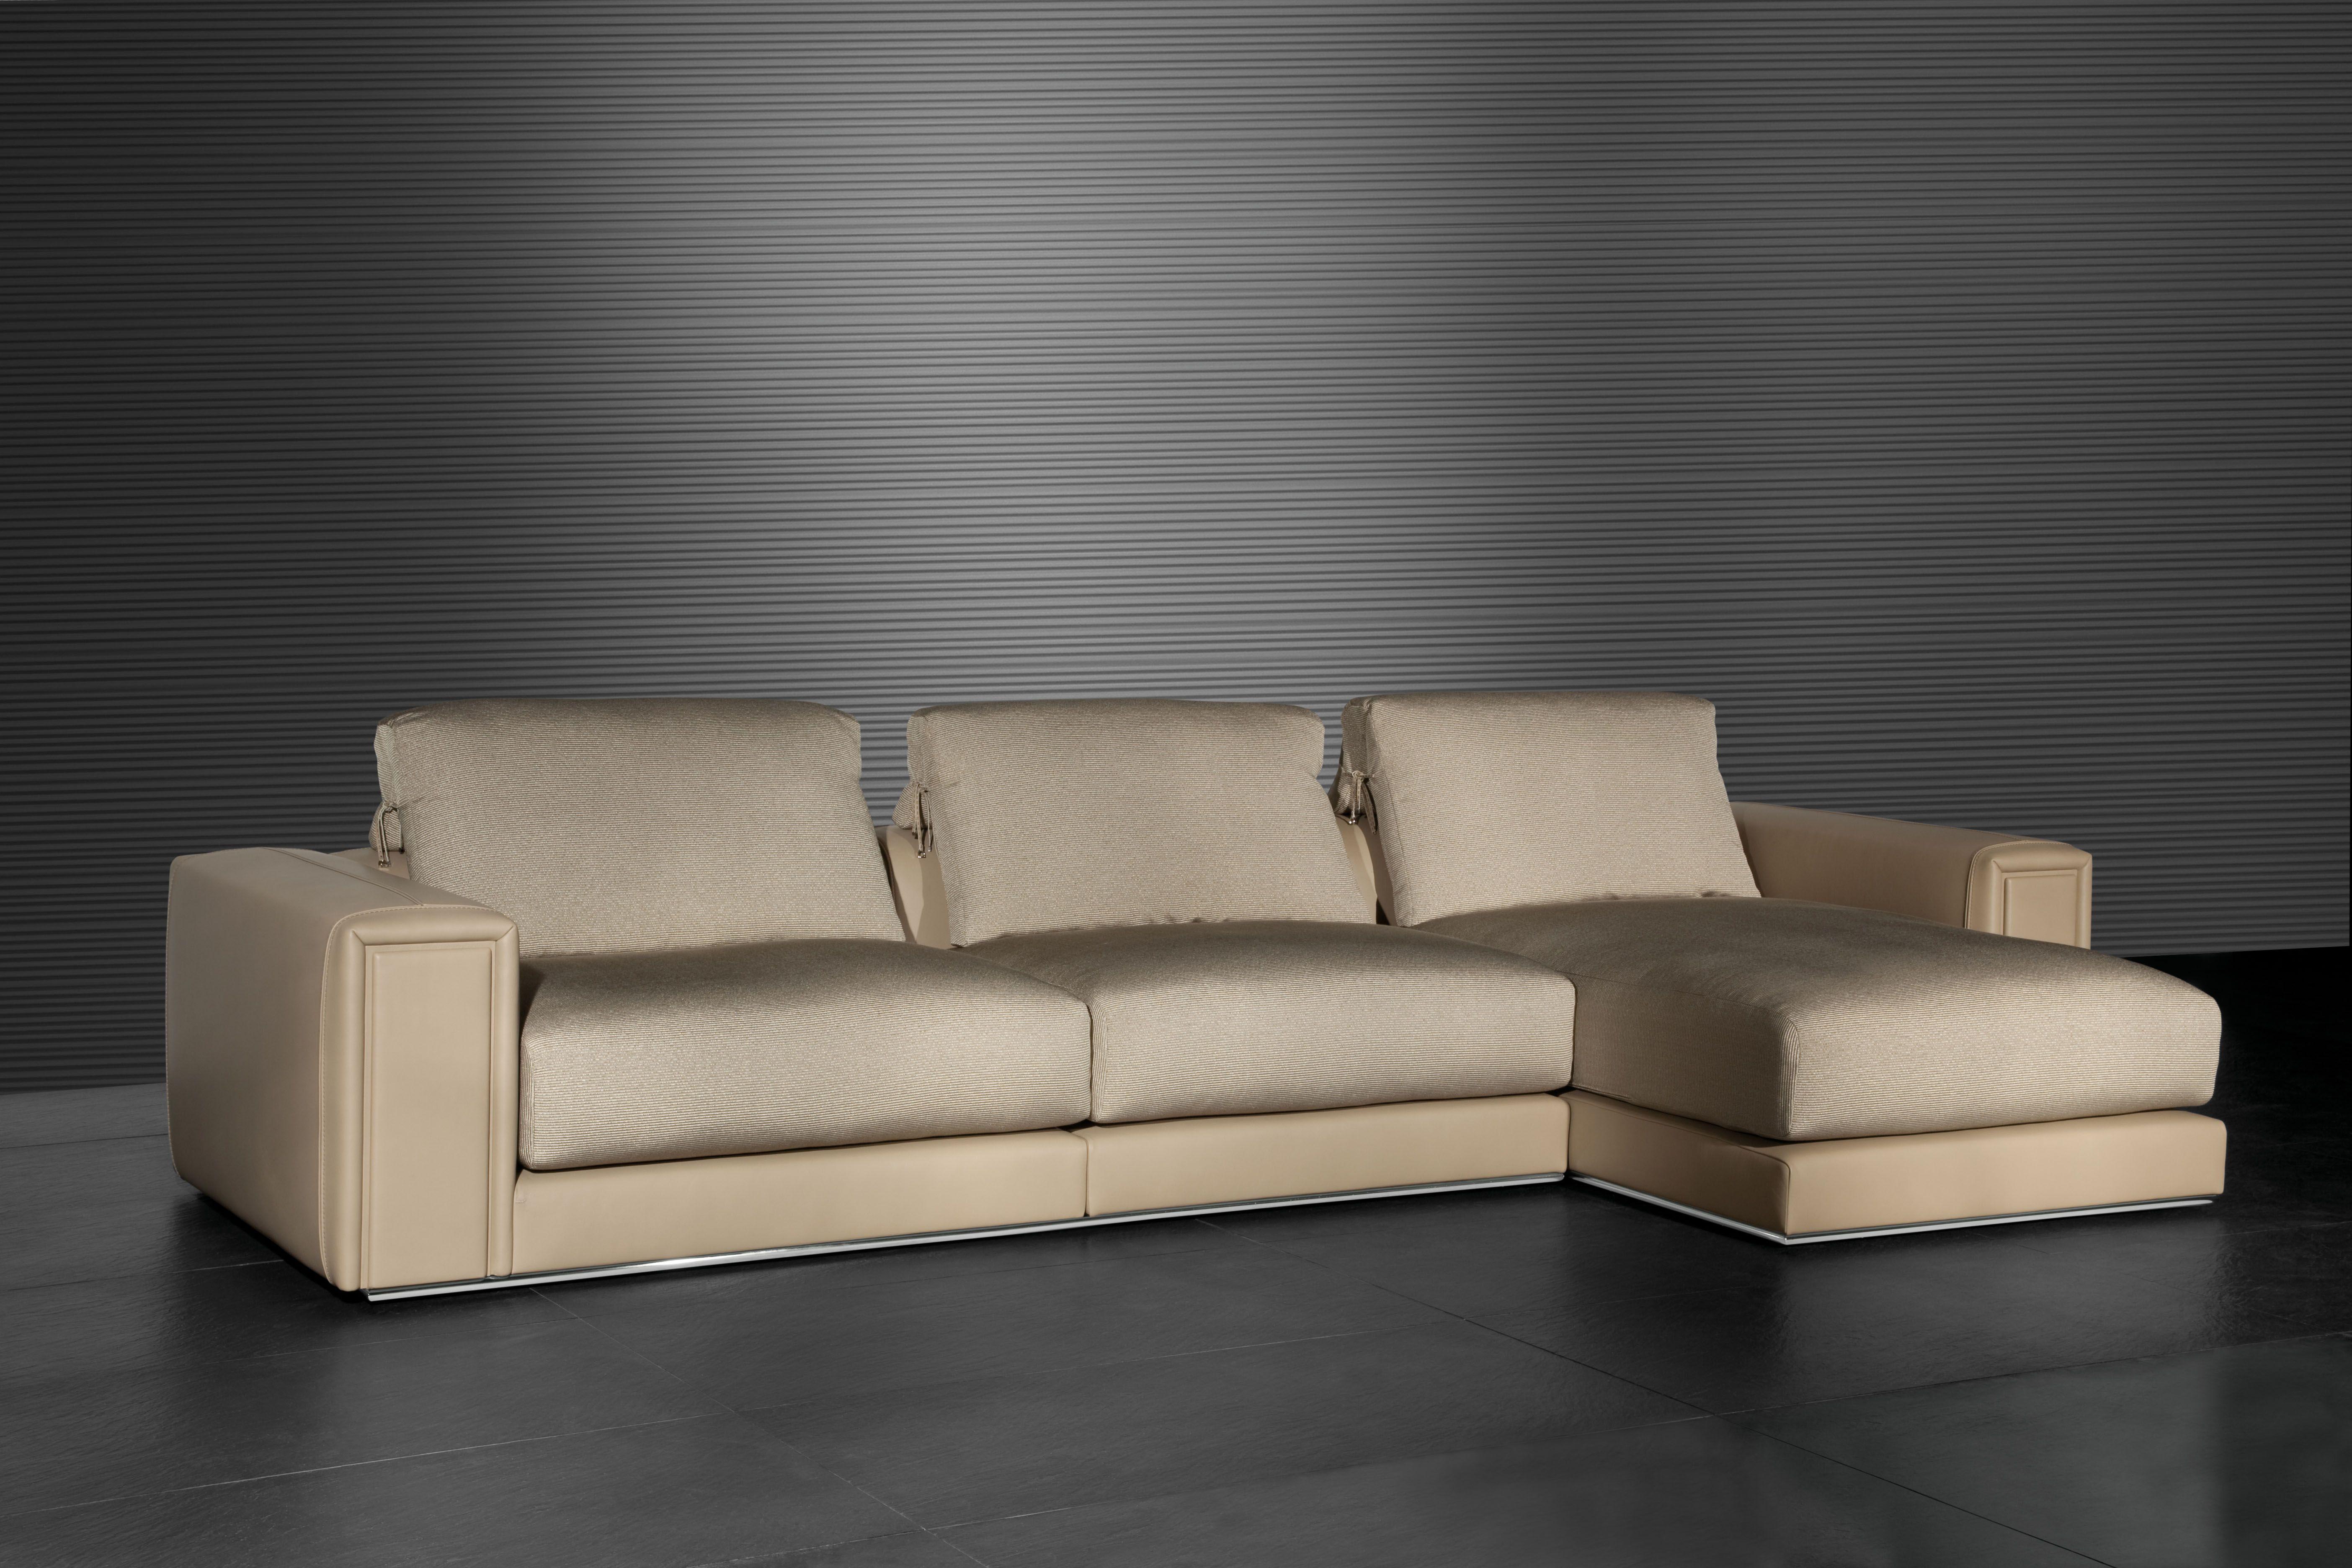 Sof seccional sof s pinterest sof seccional y sof for Sofa seccional zibel toronto